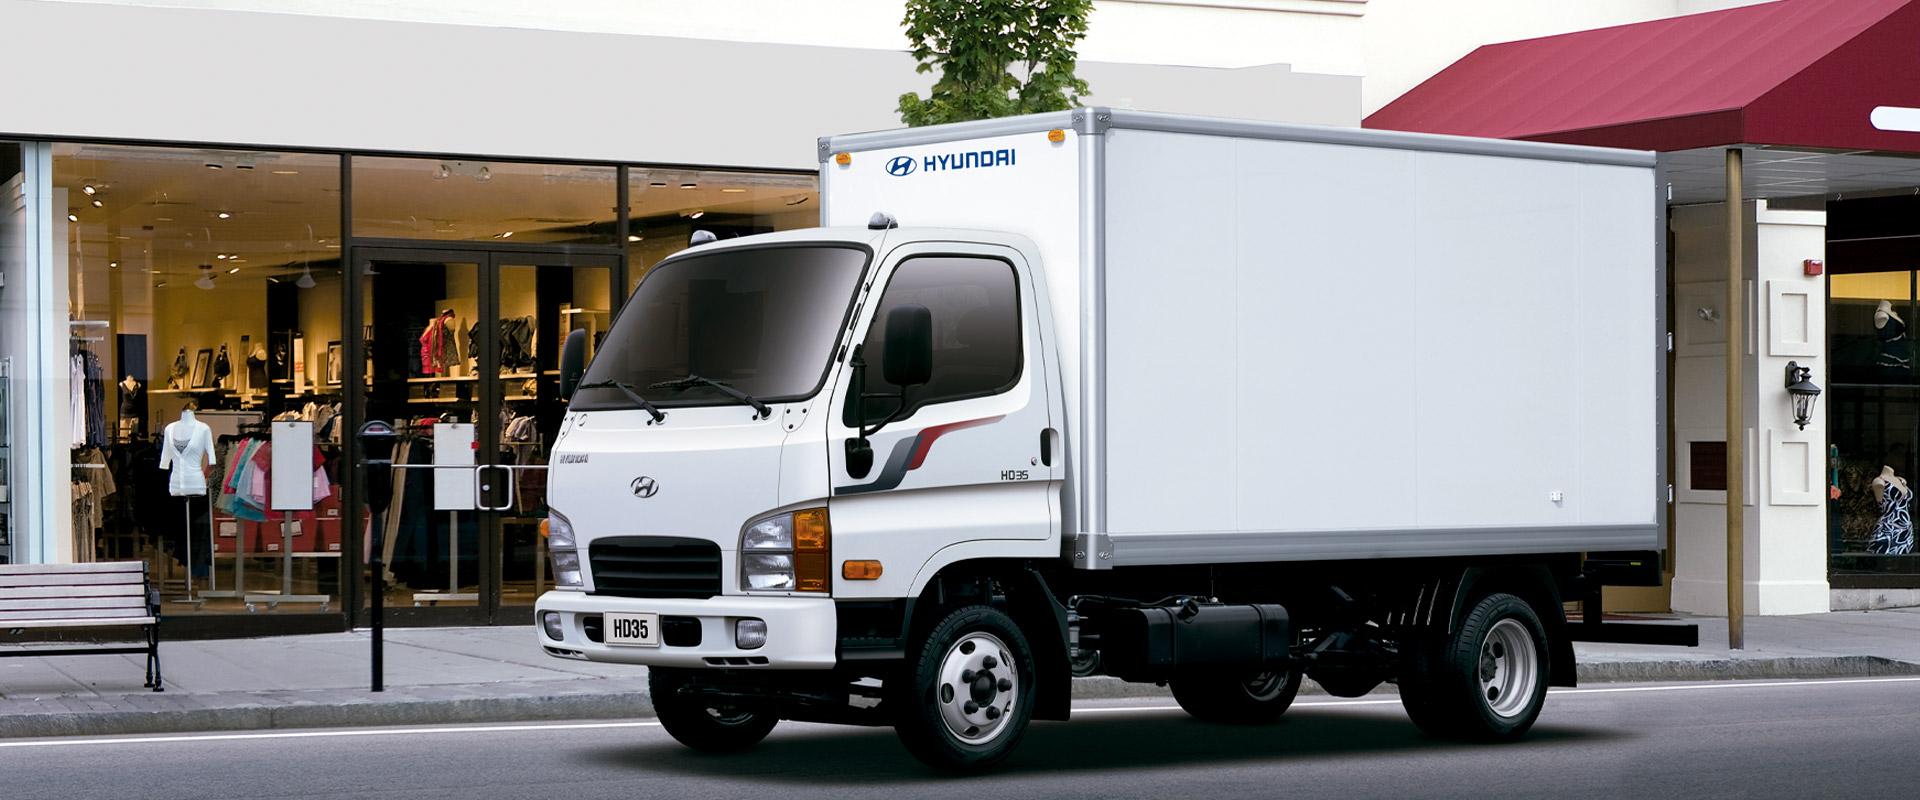 hyundai-camiones-header-hd35